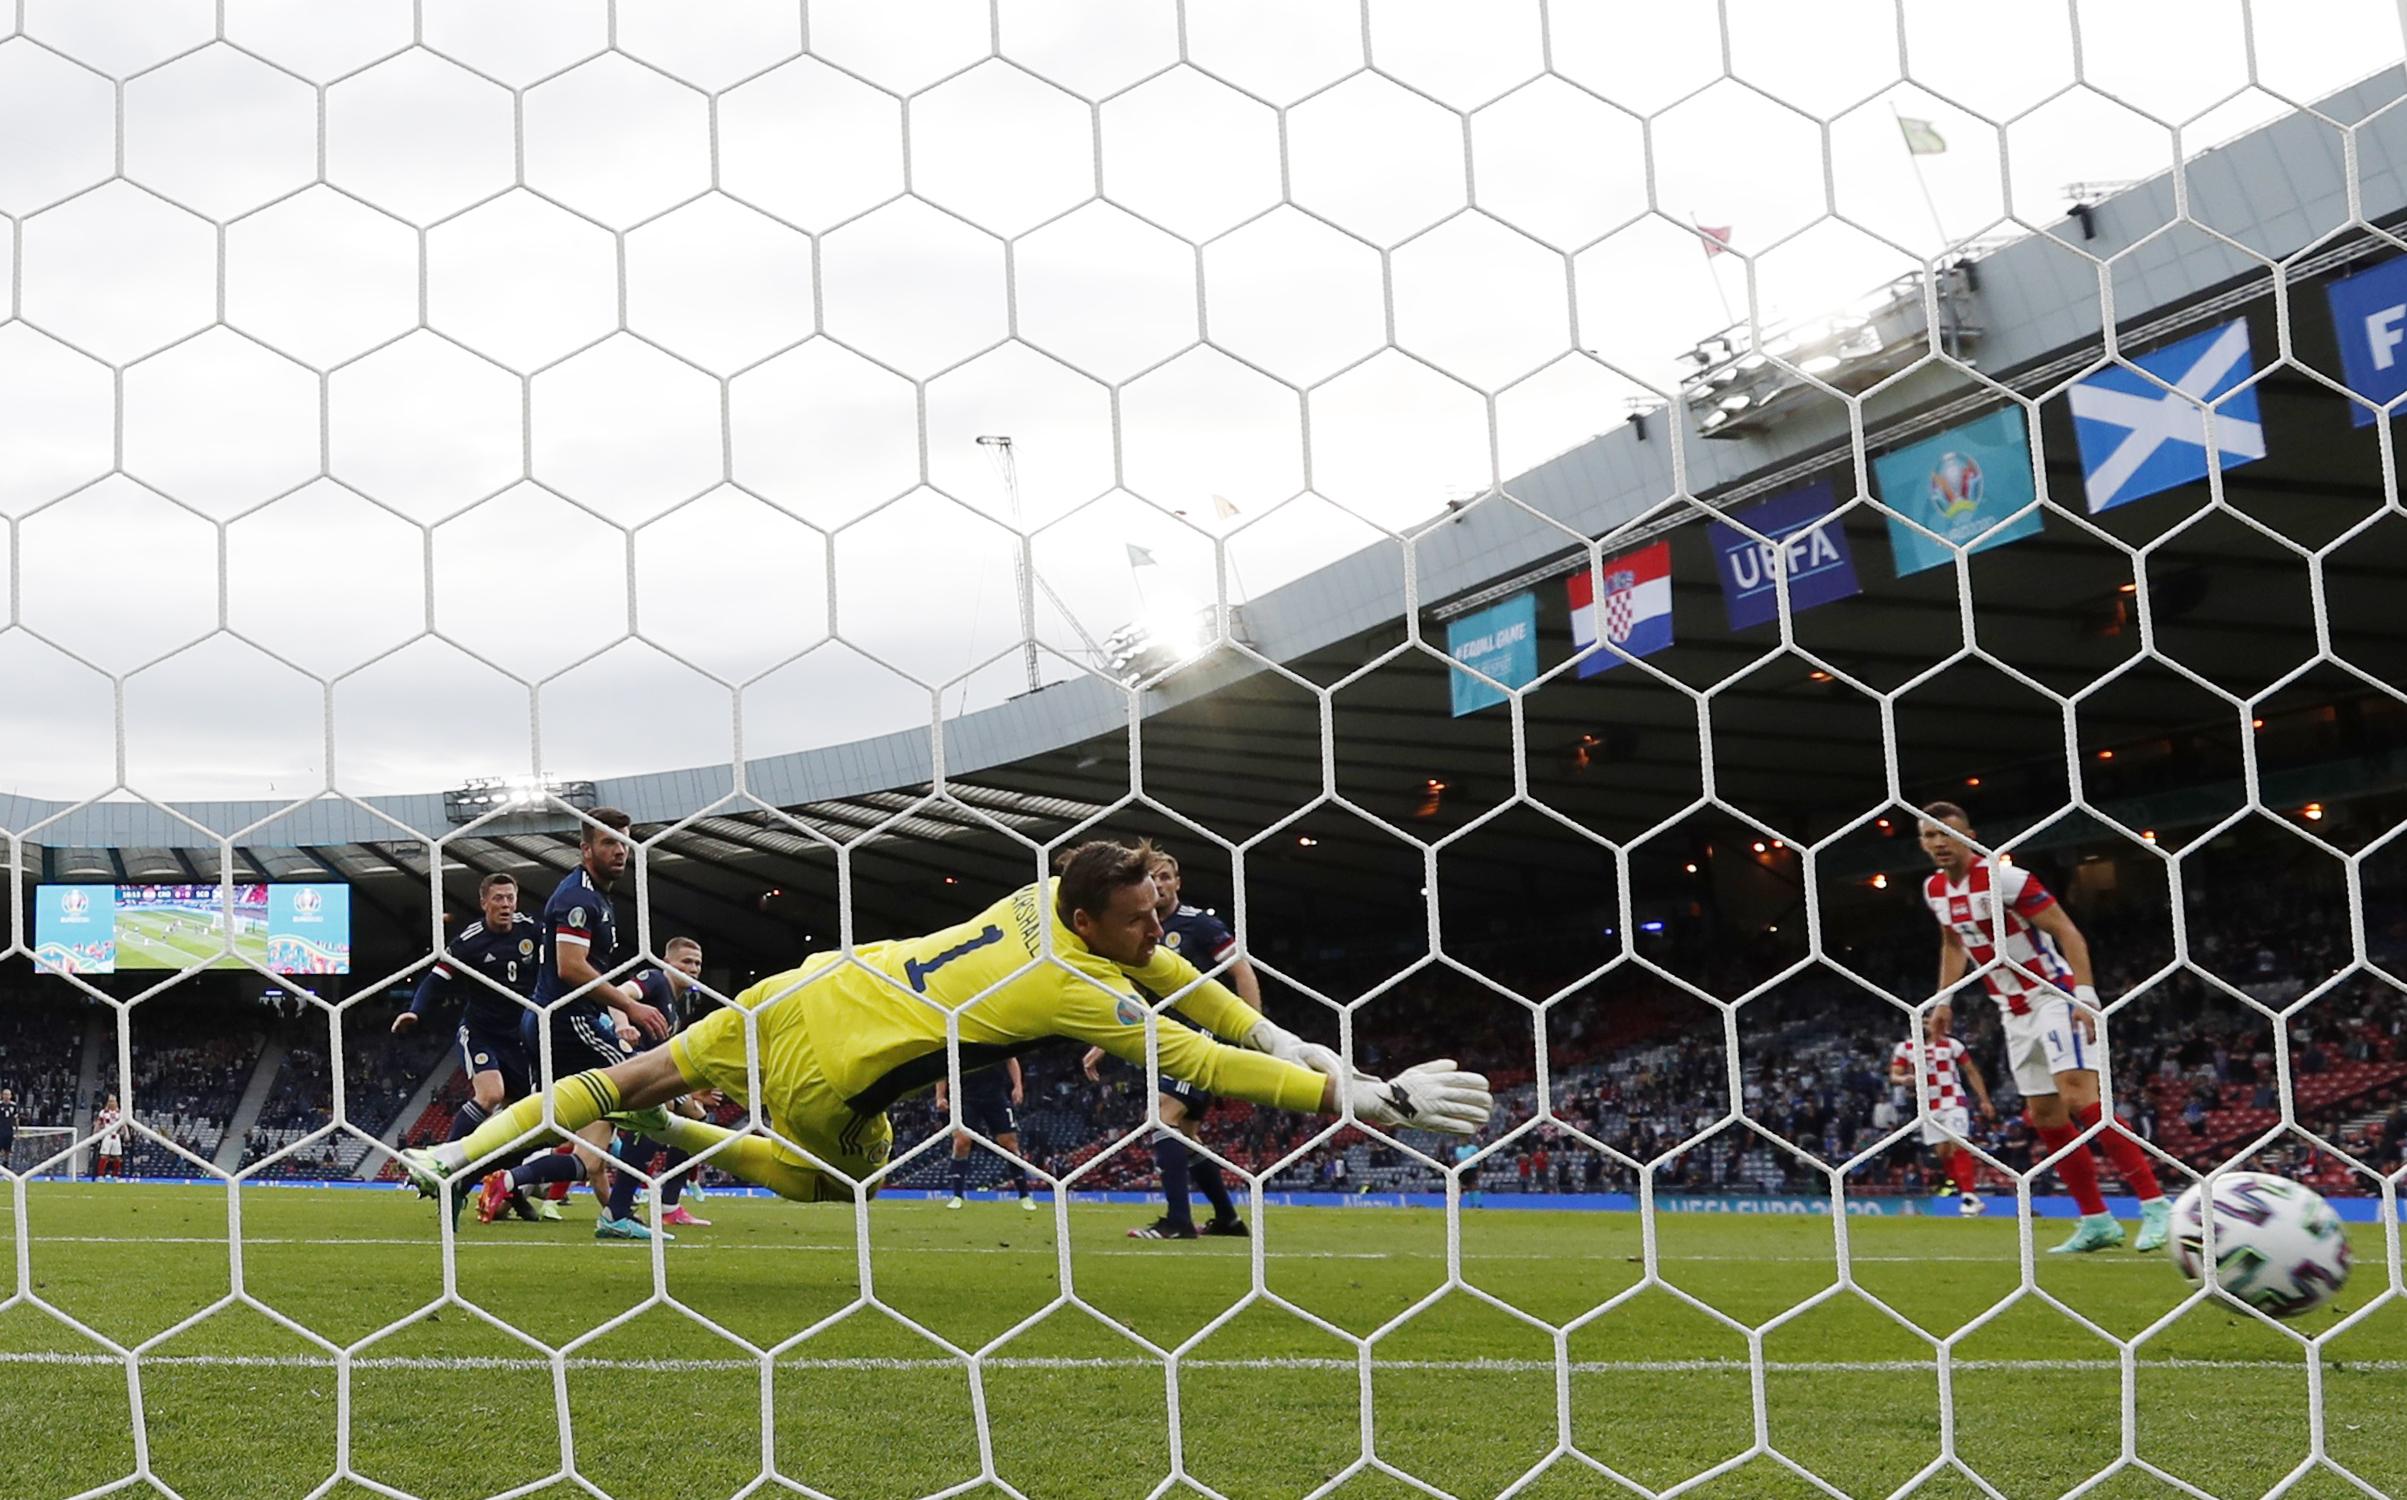 Euro 2020, Κροατία – Σκωτία: O Ουλάσιτς «πάγωσε» τη Γλασκώβη, o MακΓκρέγκορ την «ξεσήκωσε»